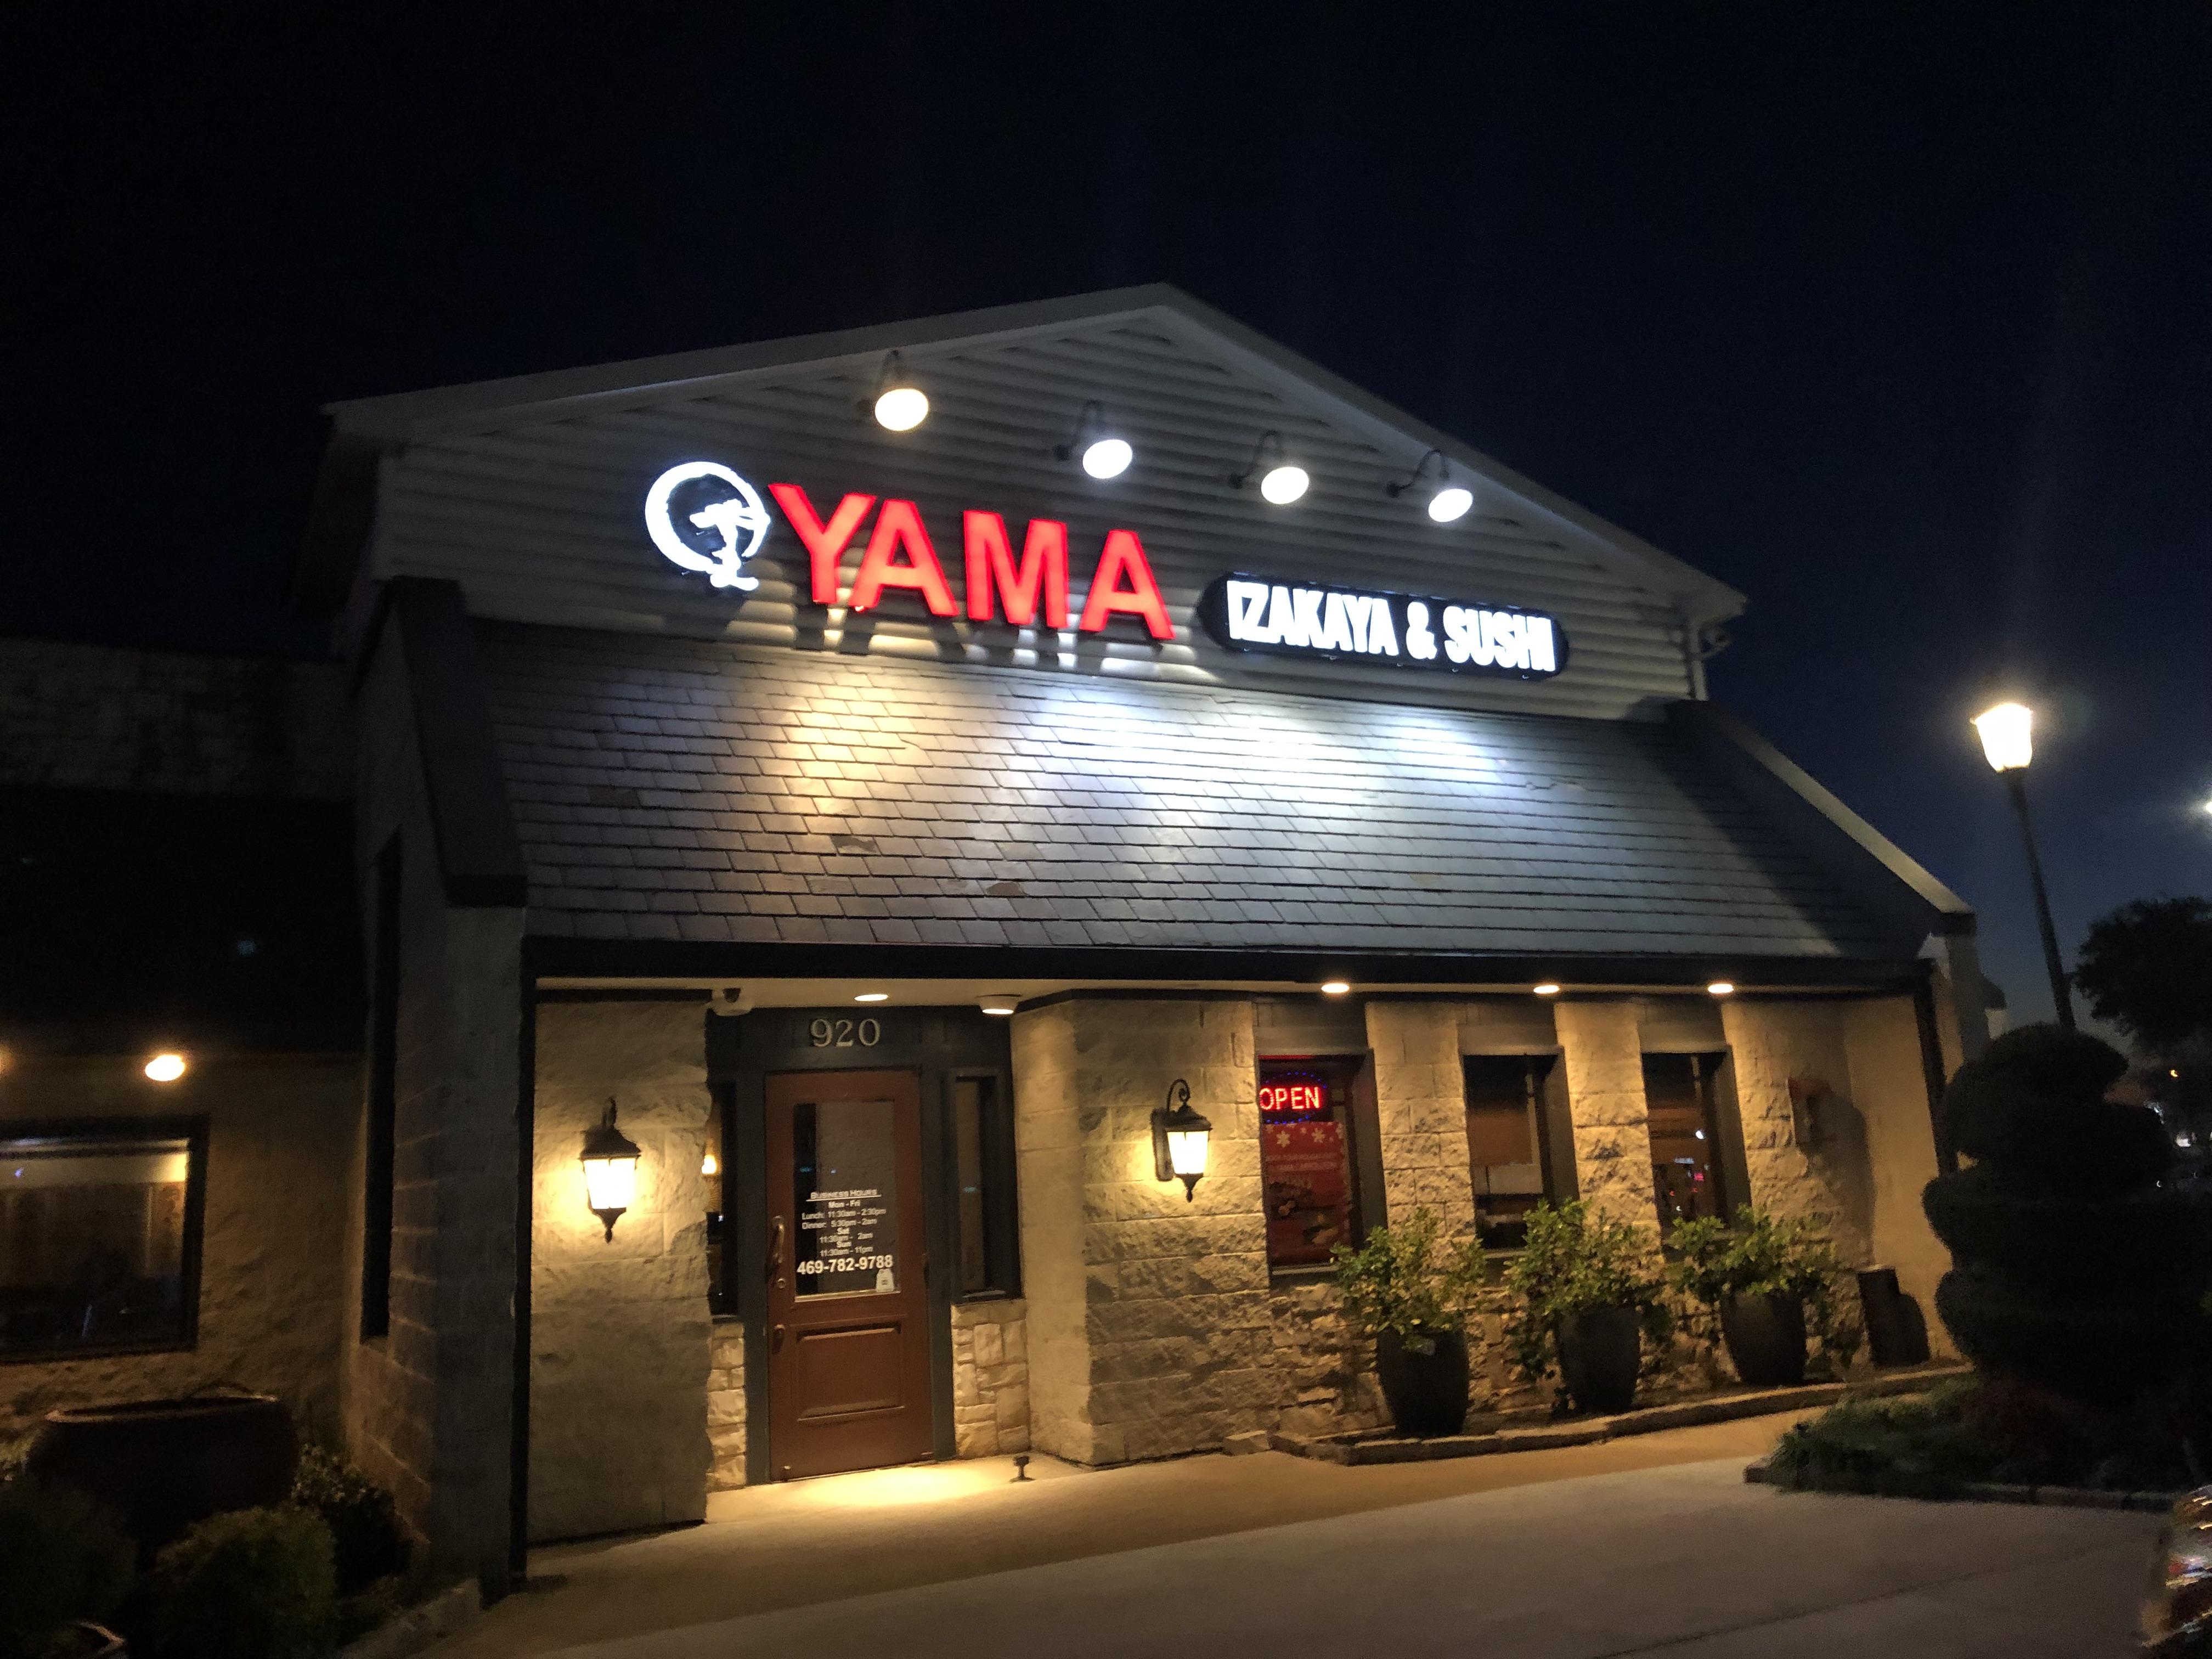 ダラスの日本食居酒屋チェーンYAMA